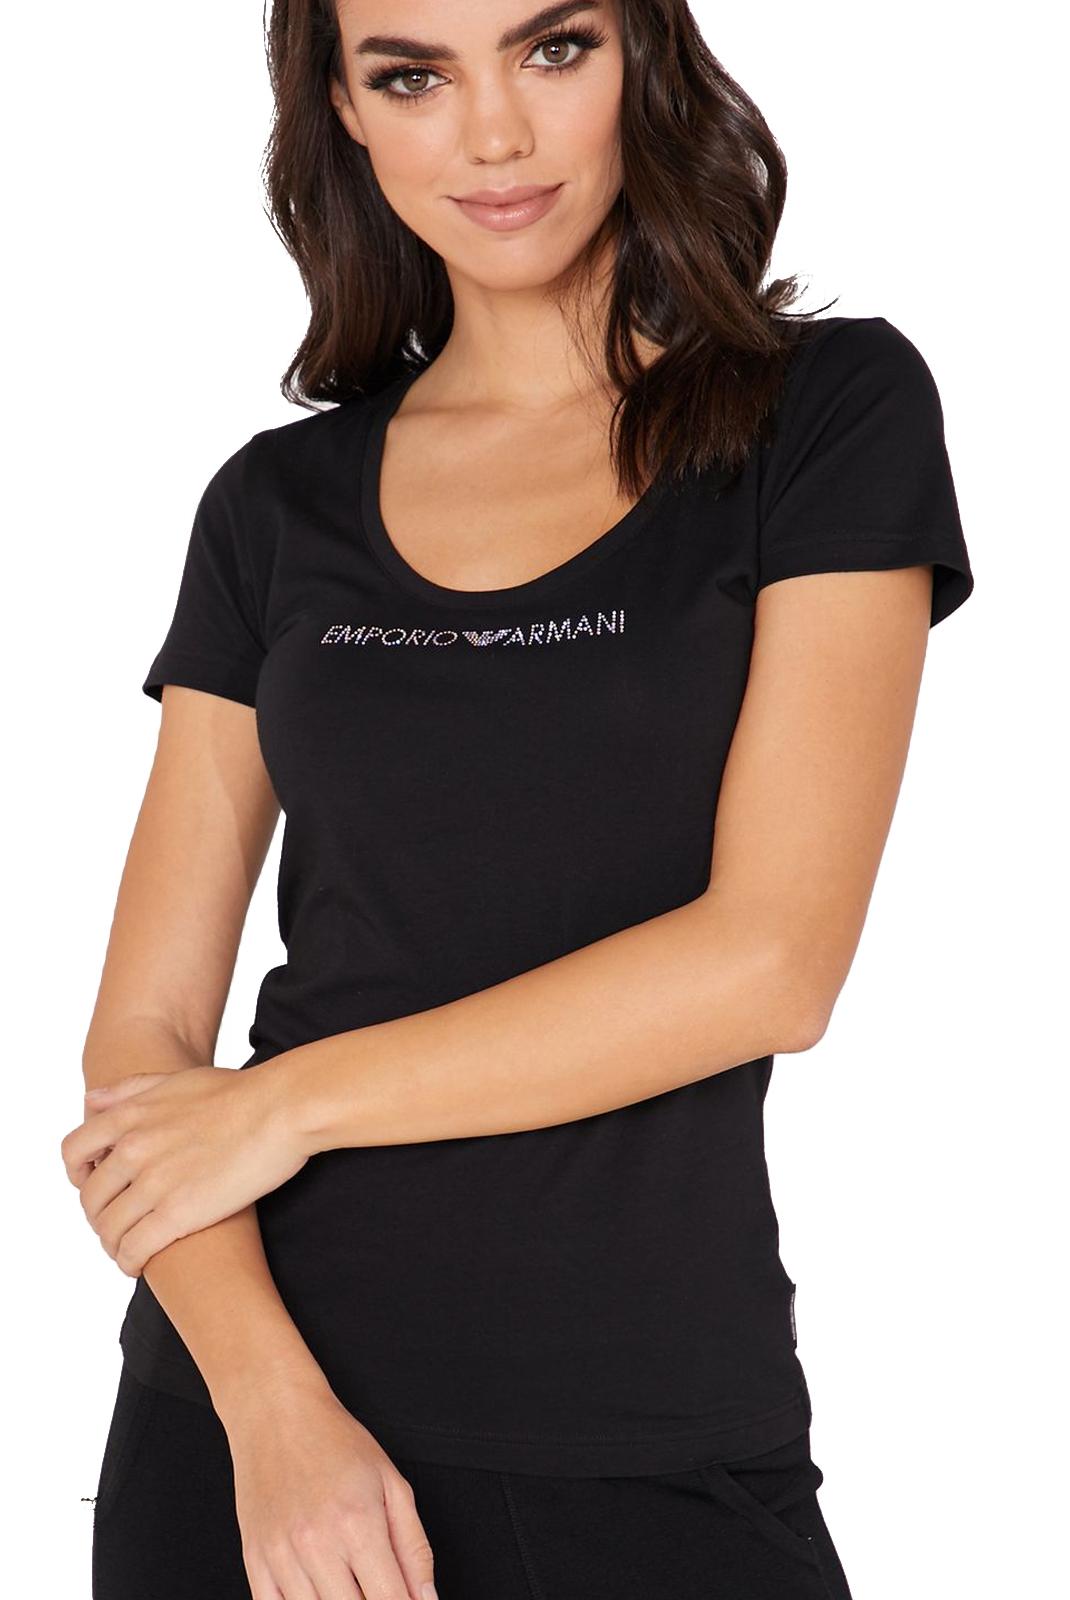 Tee shirt  Emporio armani 163377 0P263 00020 NERO